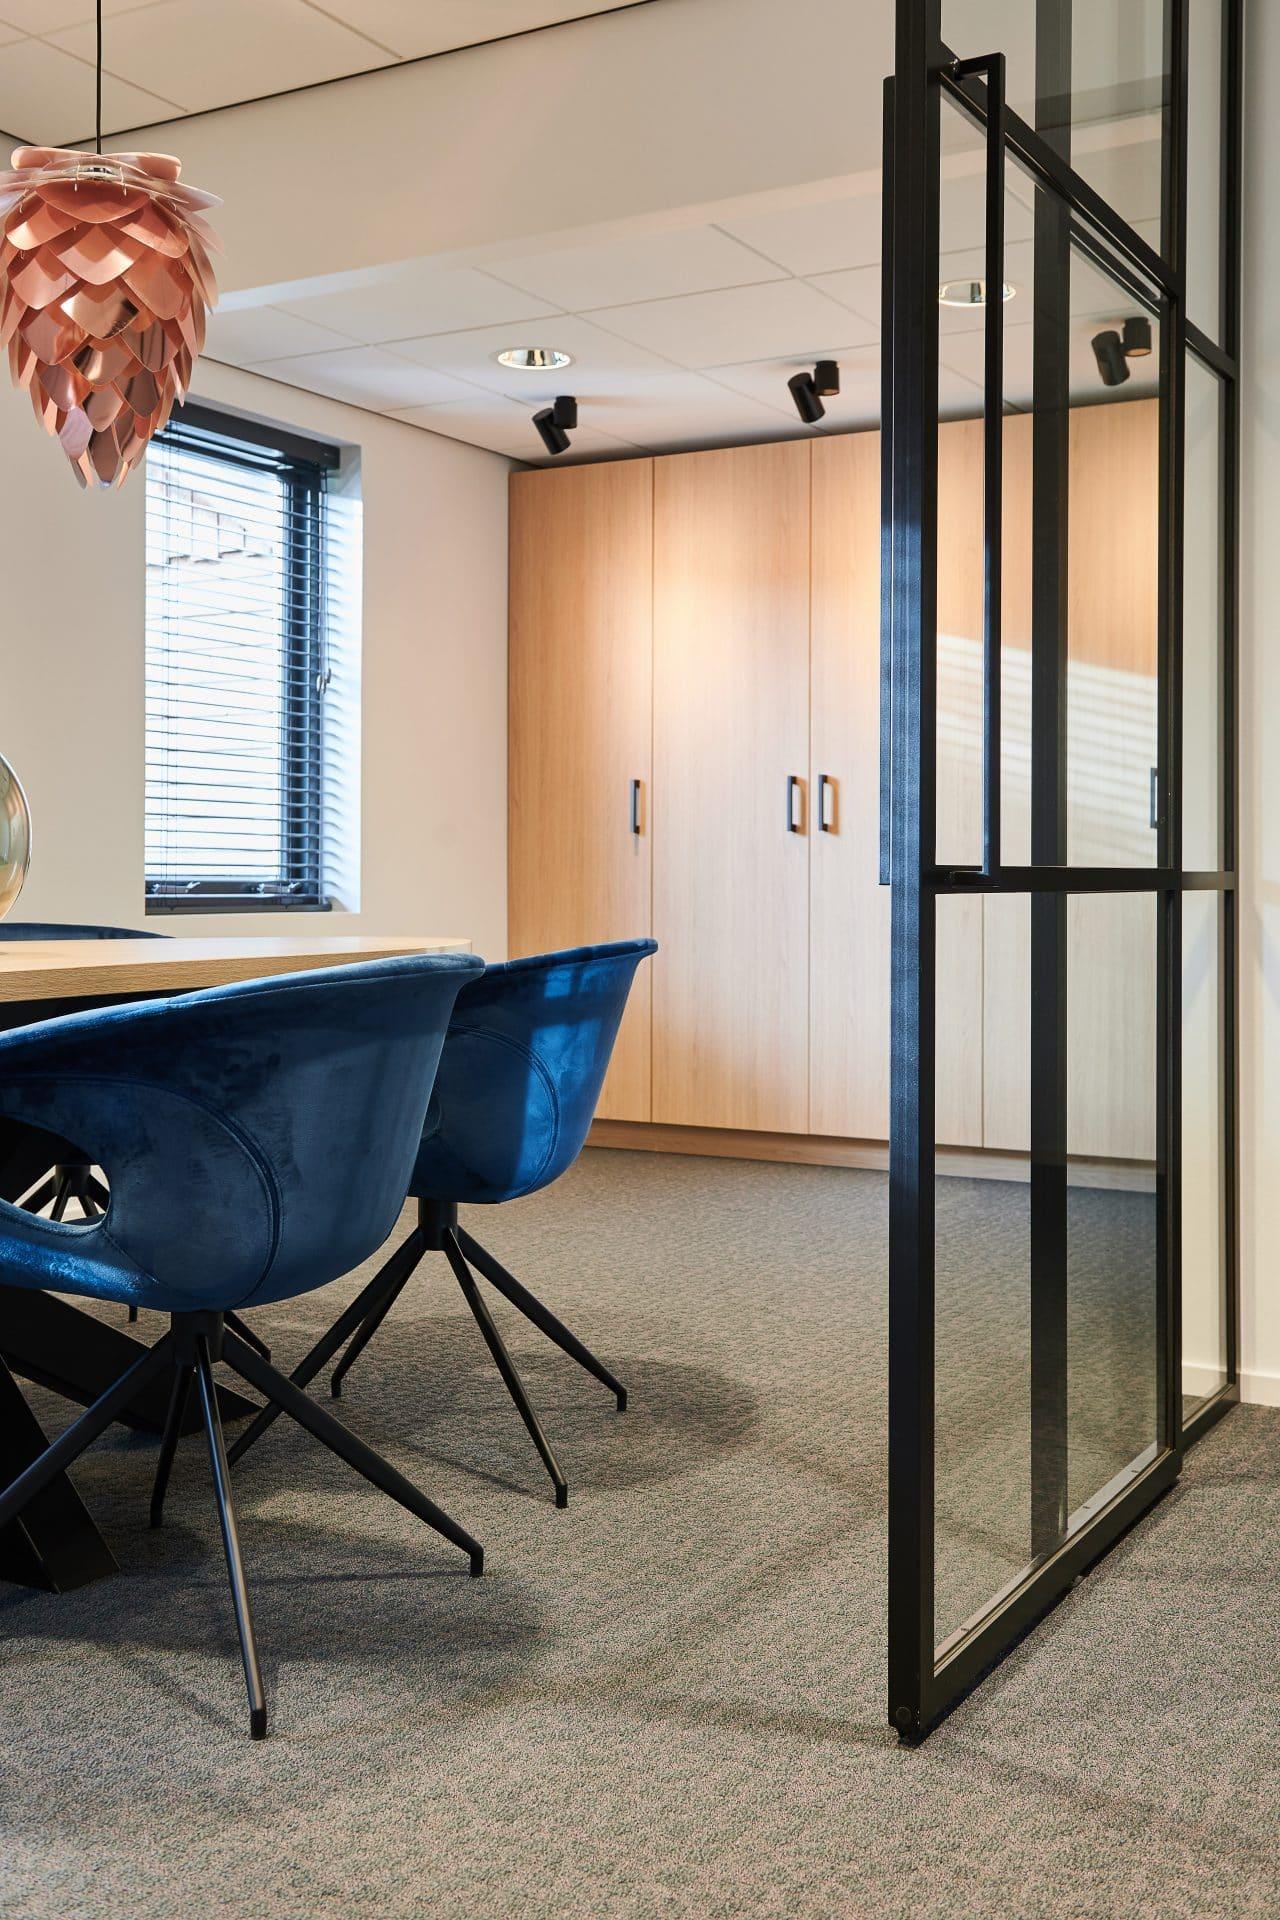 interieurontwerp resultaat kantoor spreekkamer installatiebedrijf